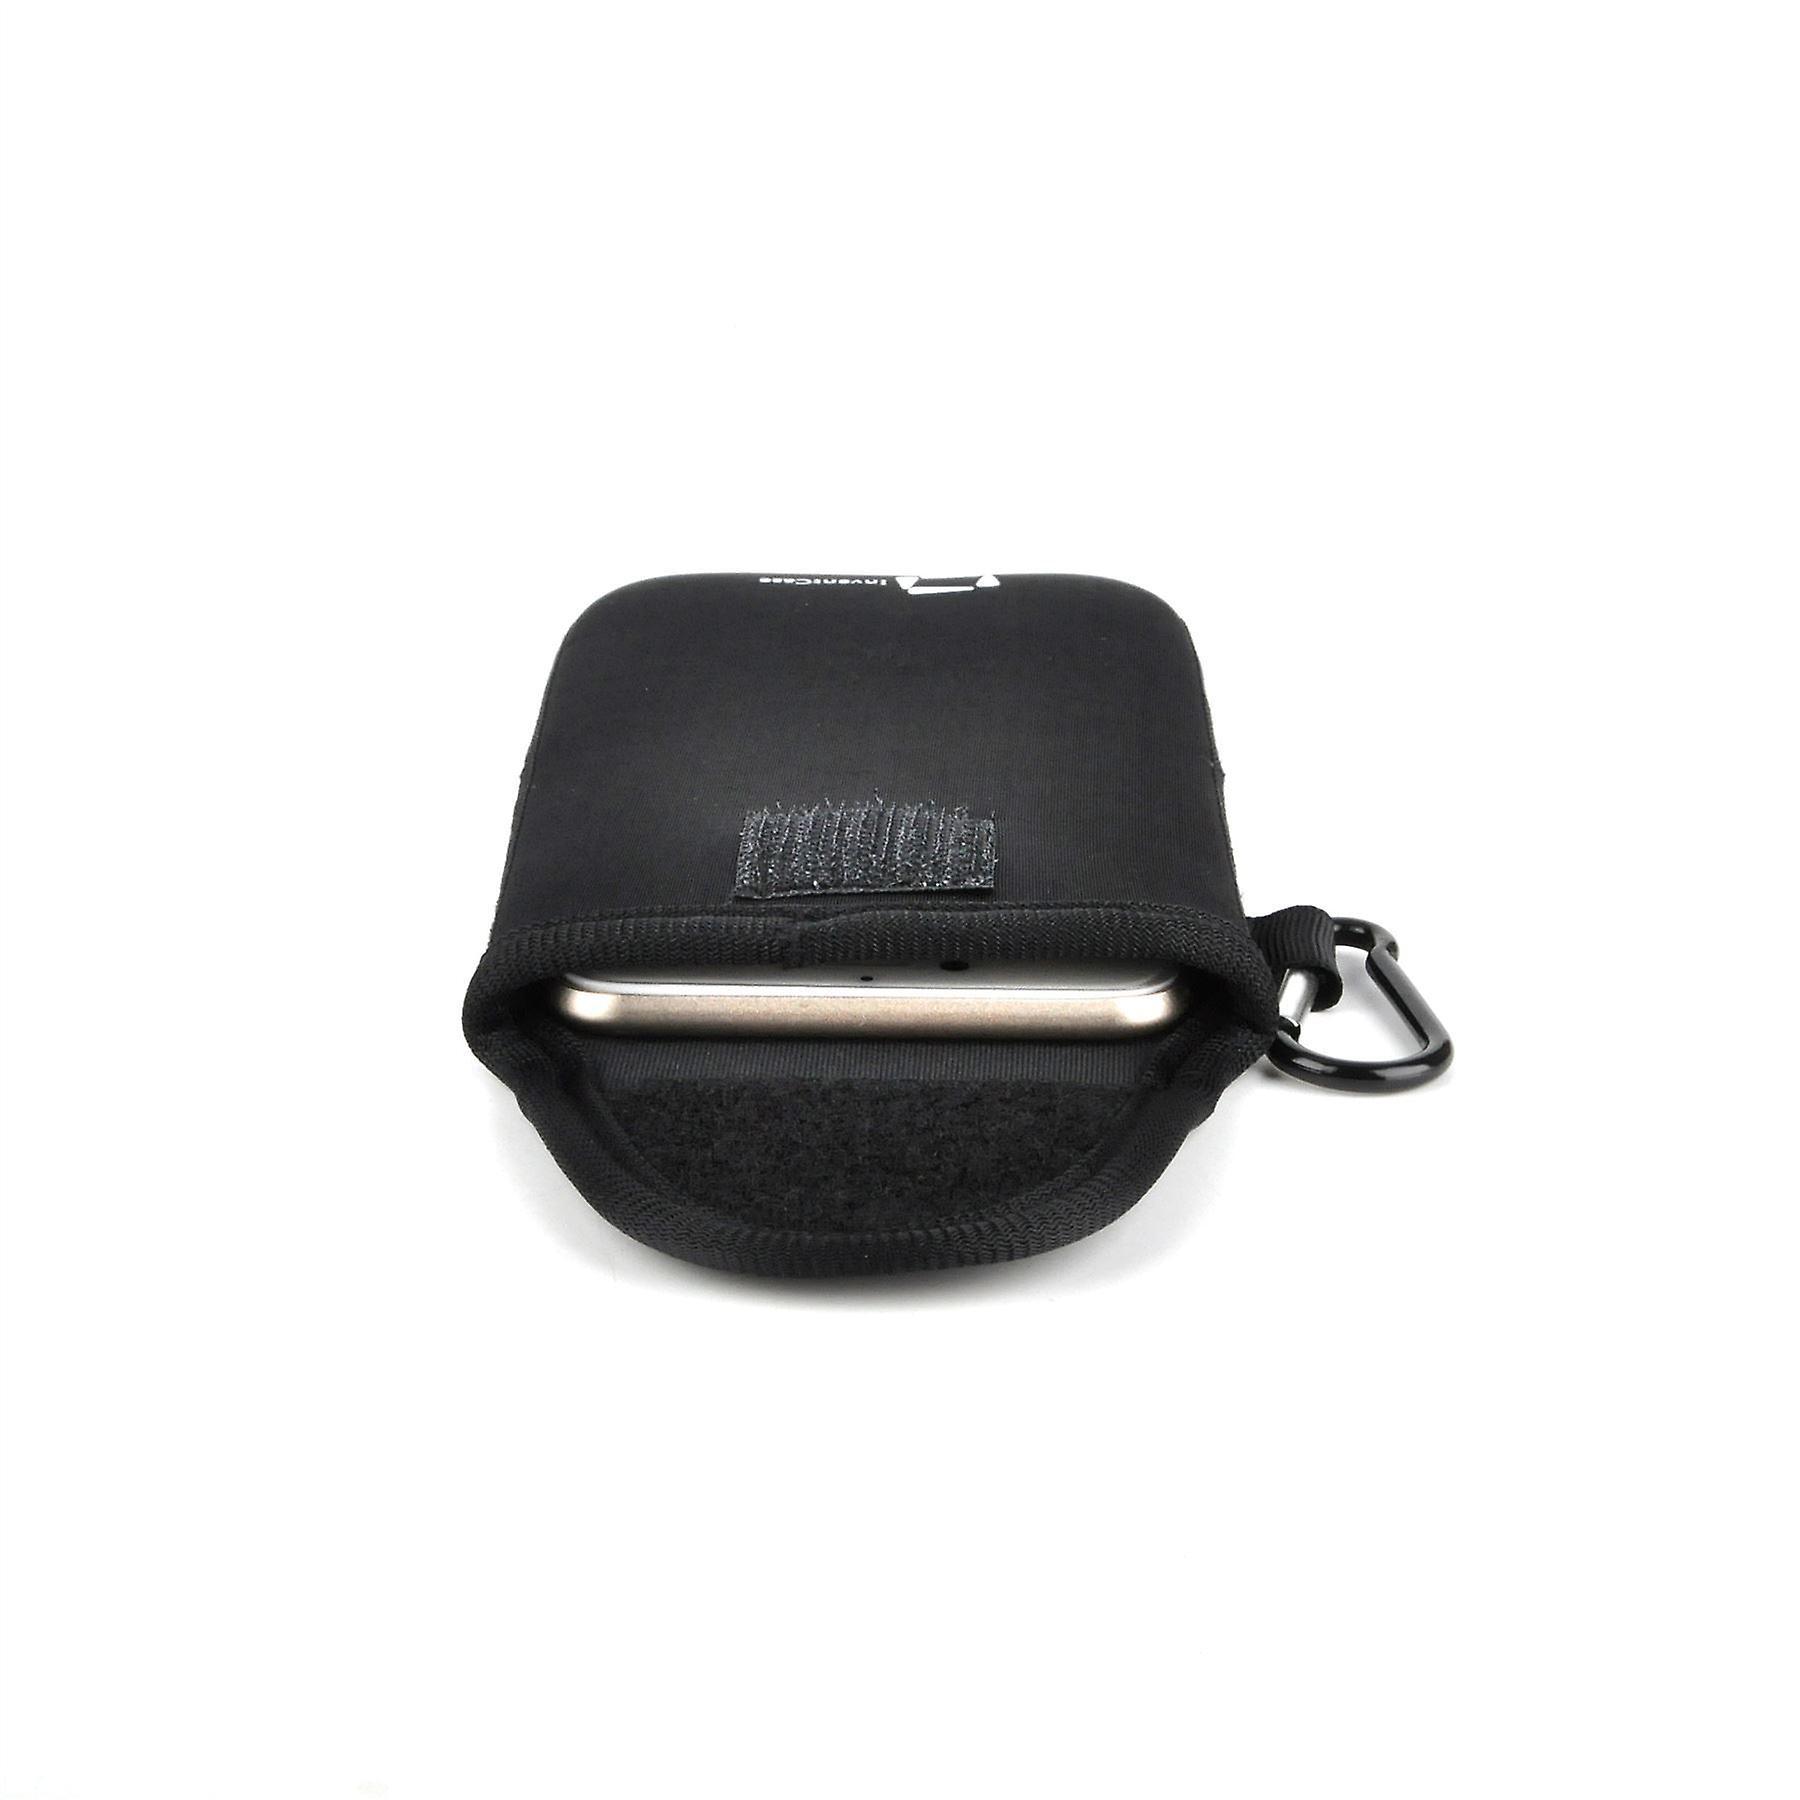 كيس تغطية القضية الحقيبة واقية مقاومة لتأثير النيوبرين إينفينتكاسي مع إغلاق Velcro والألمنيوم Carabiner لل جي K4 LTE-أسود